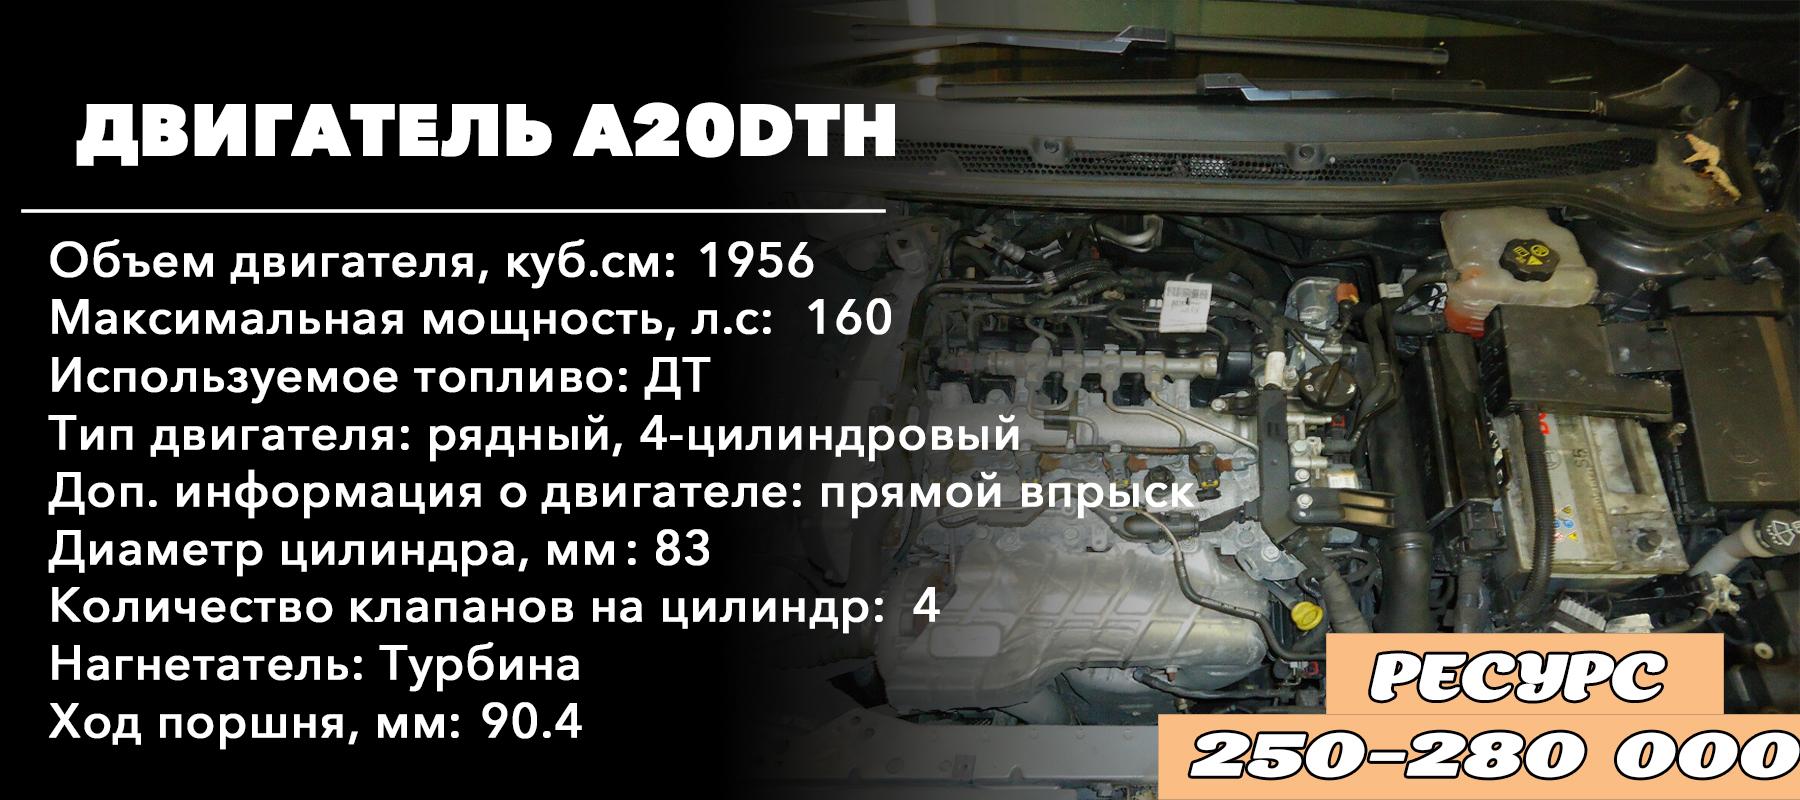 Ресурс двигателя 2.0 - A20DTH